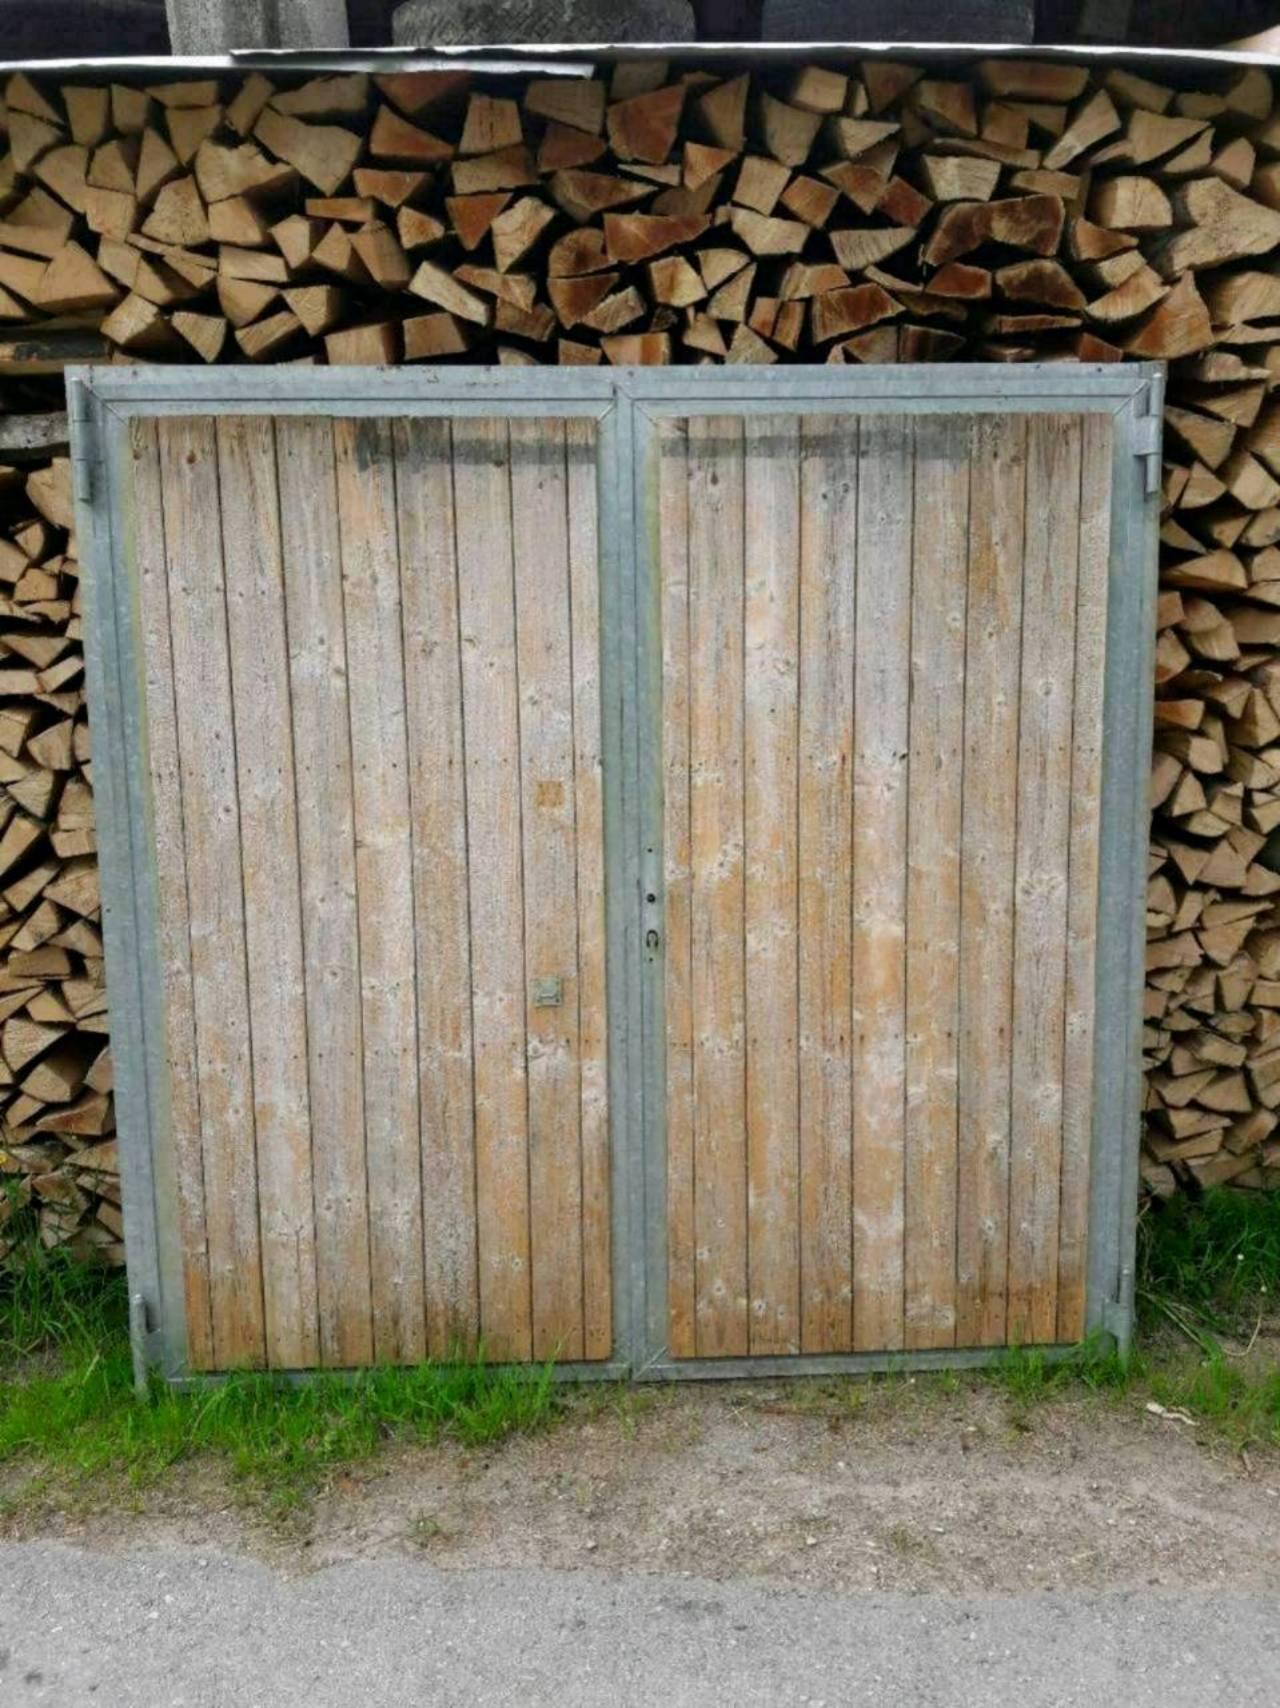 Atemberaubend Gebrauchte Fenster und Türen kaufen - auf www.landwirt.com #WM_98